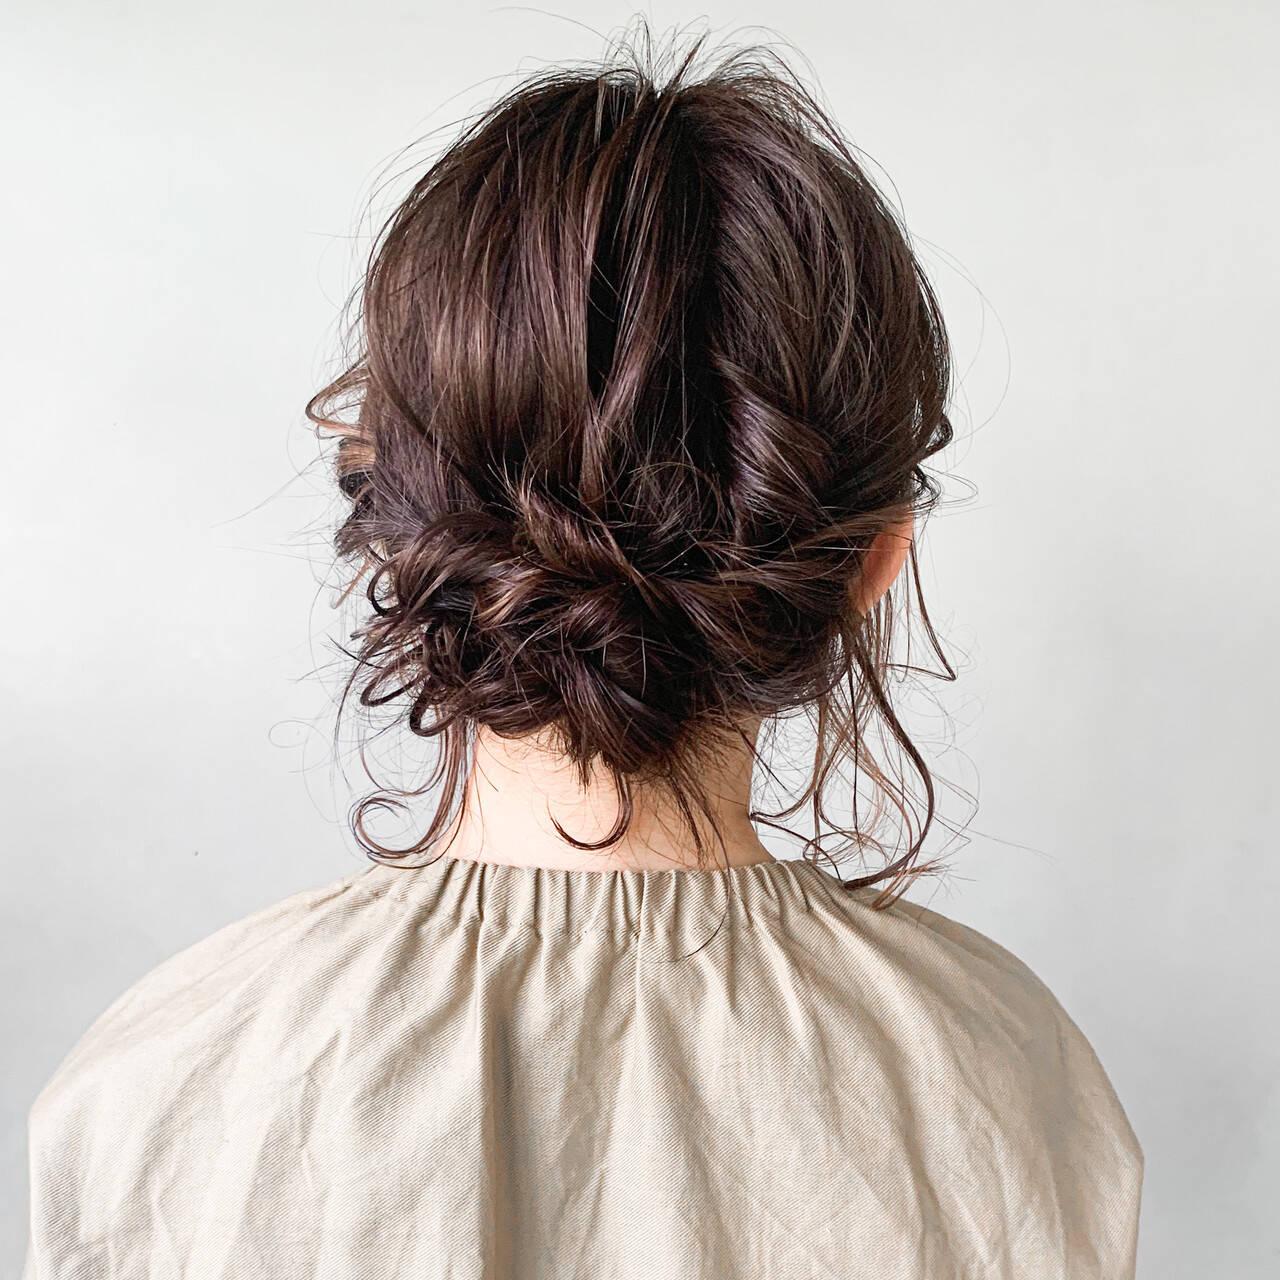 インナーカラーグレー 艶カラー おフェロ うる艶カラーヘアスタイルや髪型の写真・画像